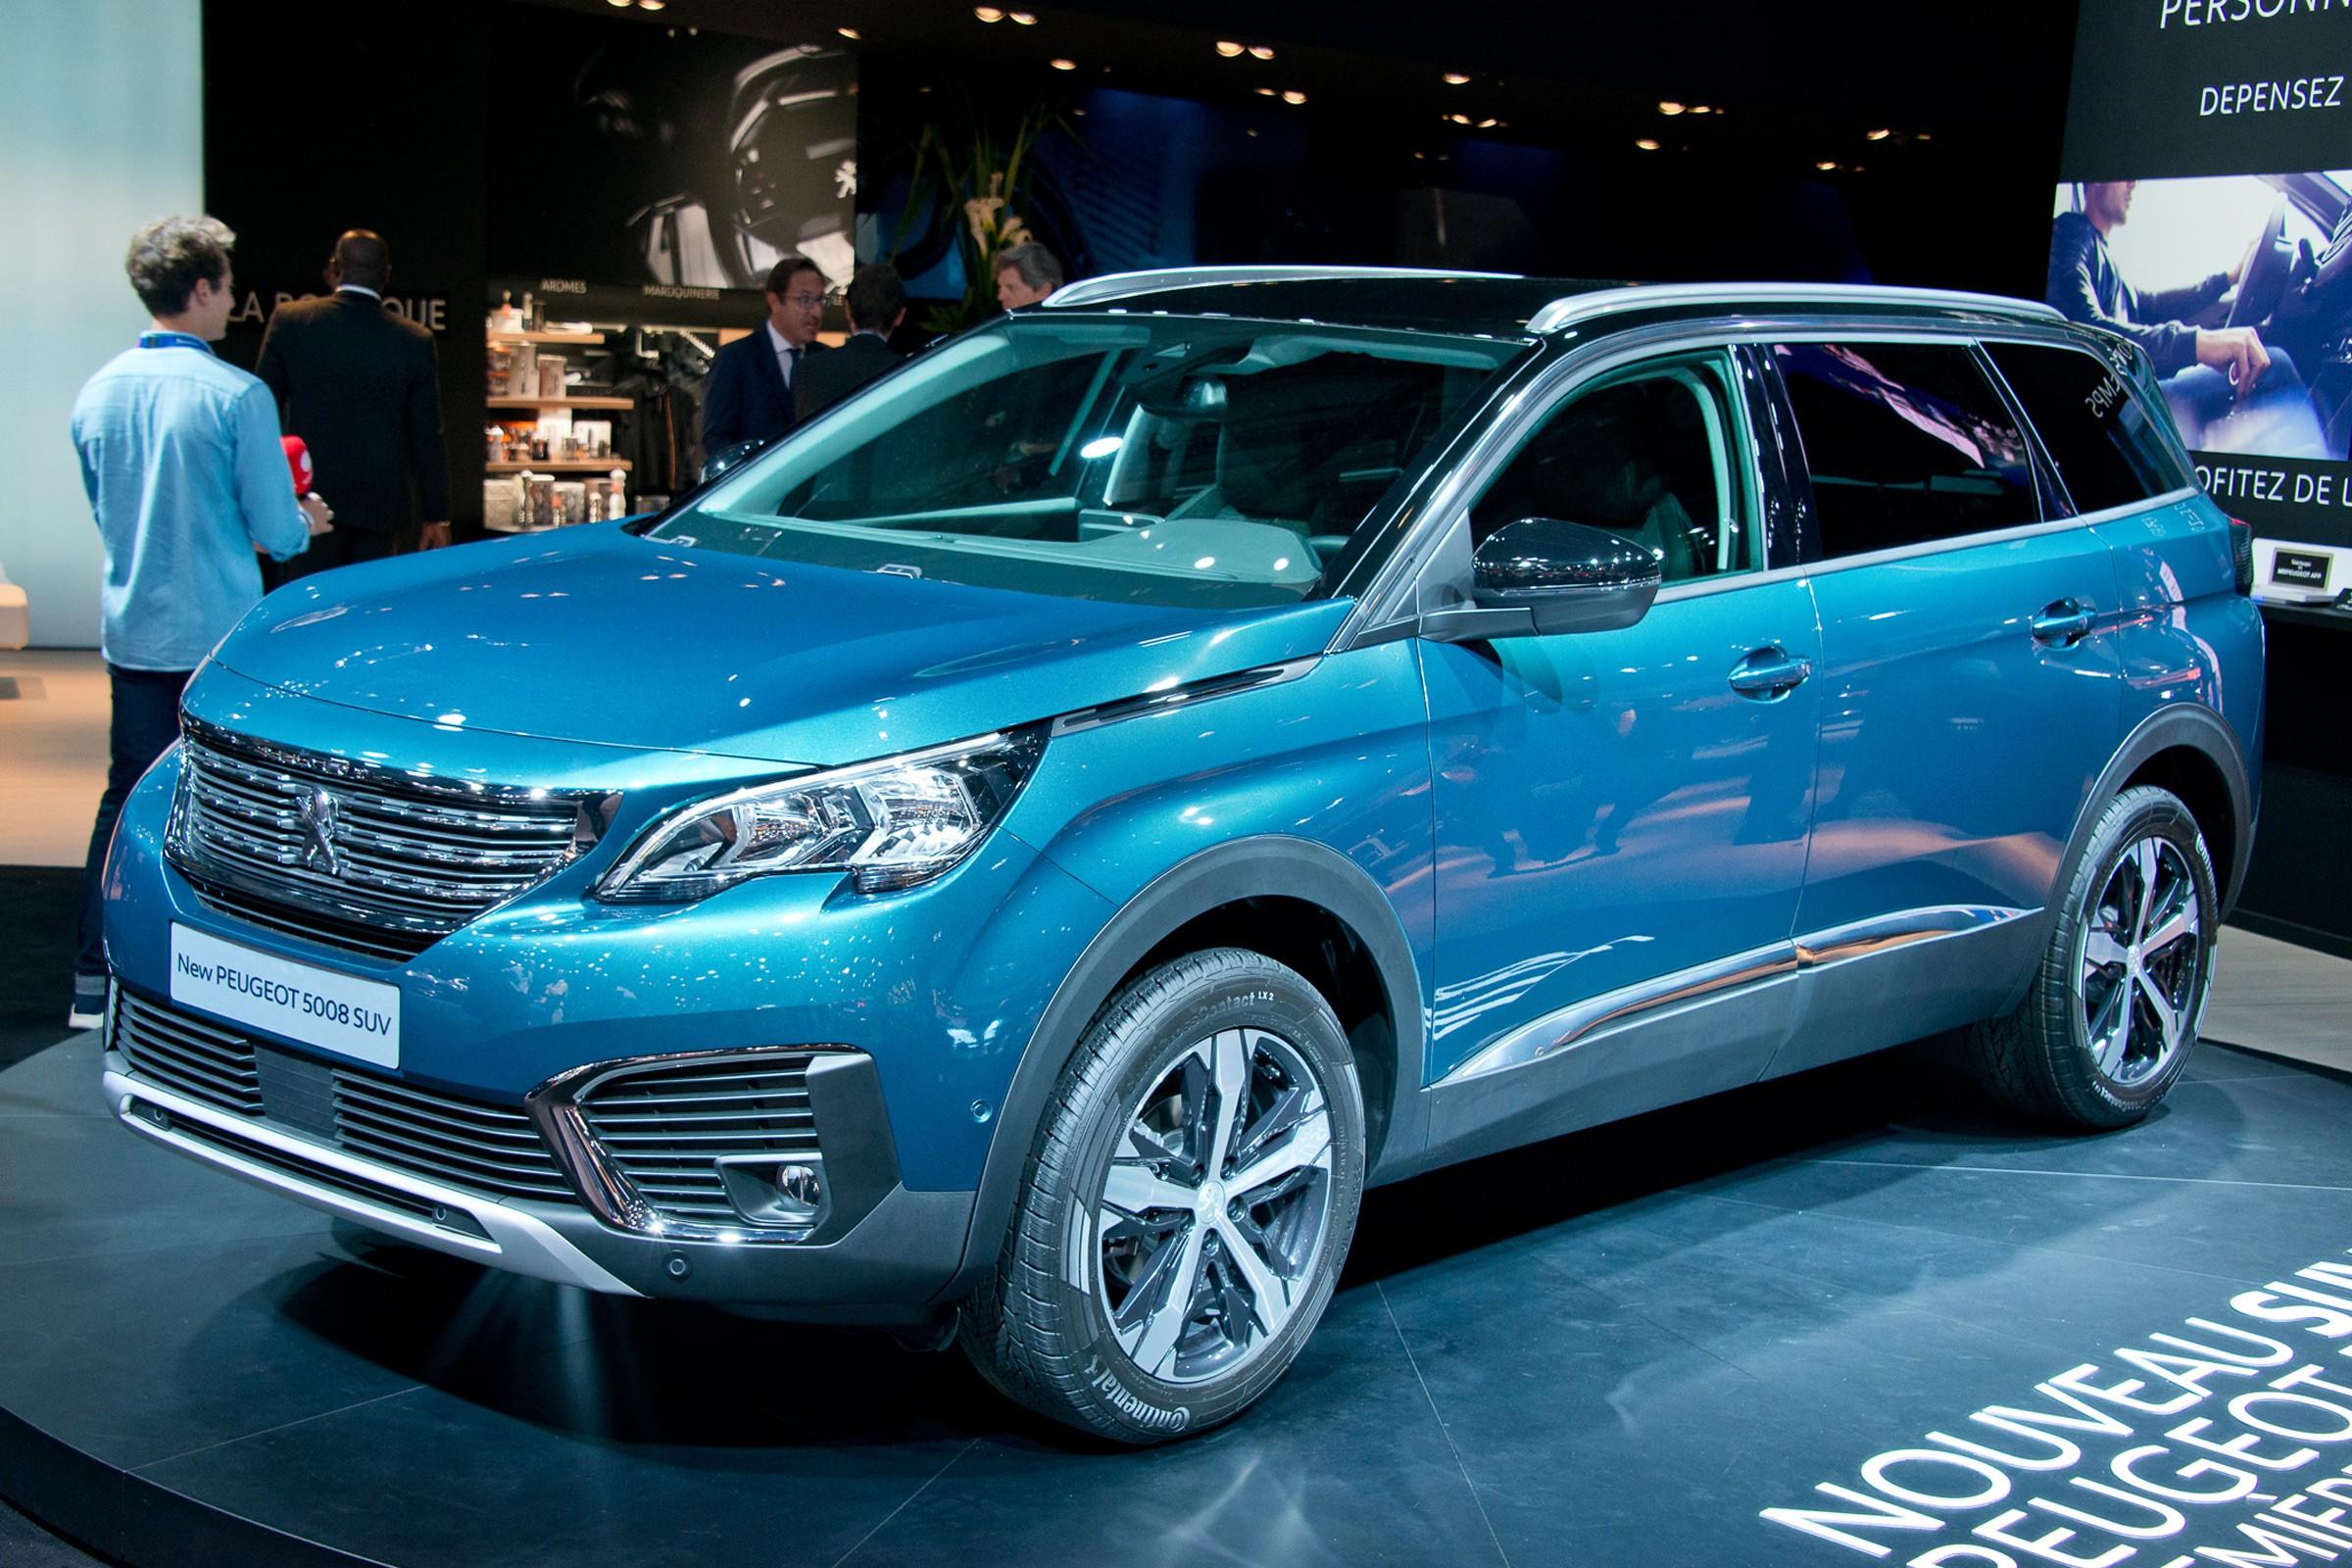 Флагманский вседорожный автомобиль  Пежо  5008 привезут в Российскую Федерацию  весной данного года